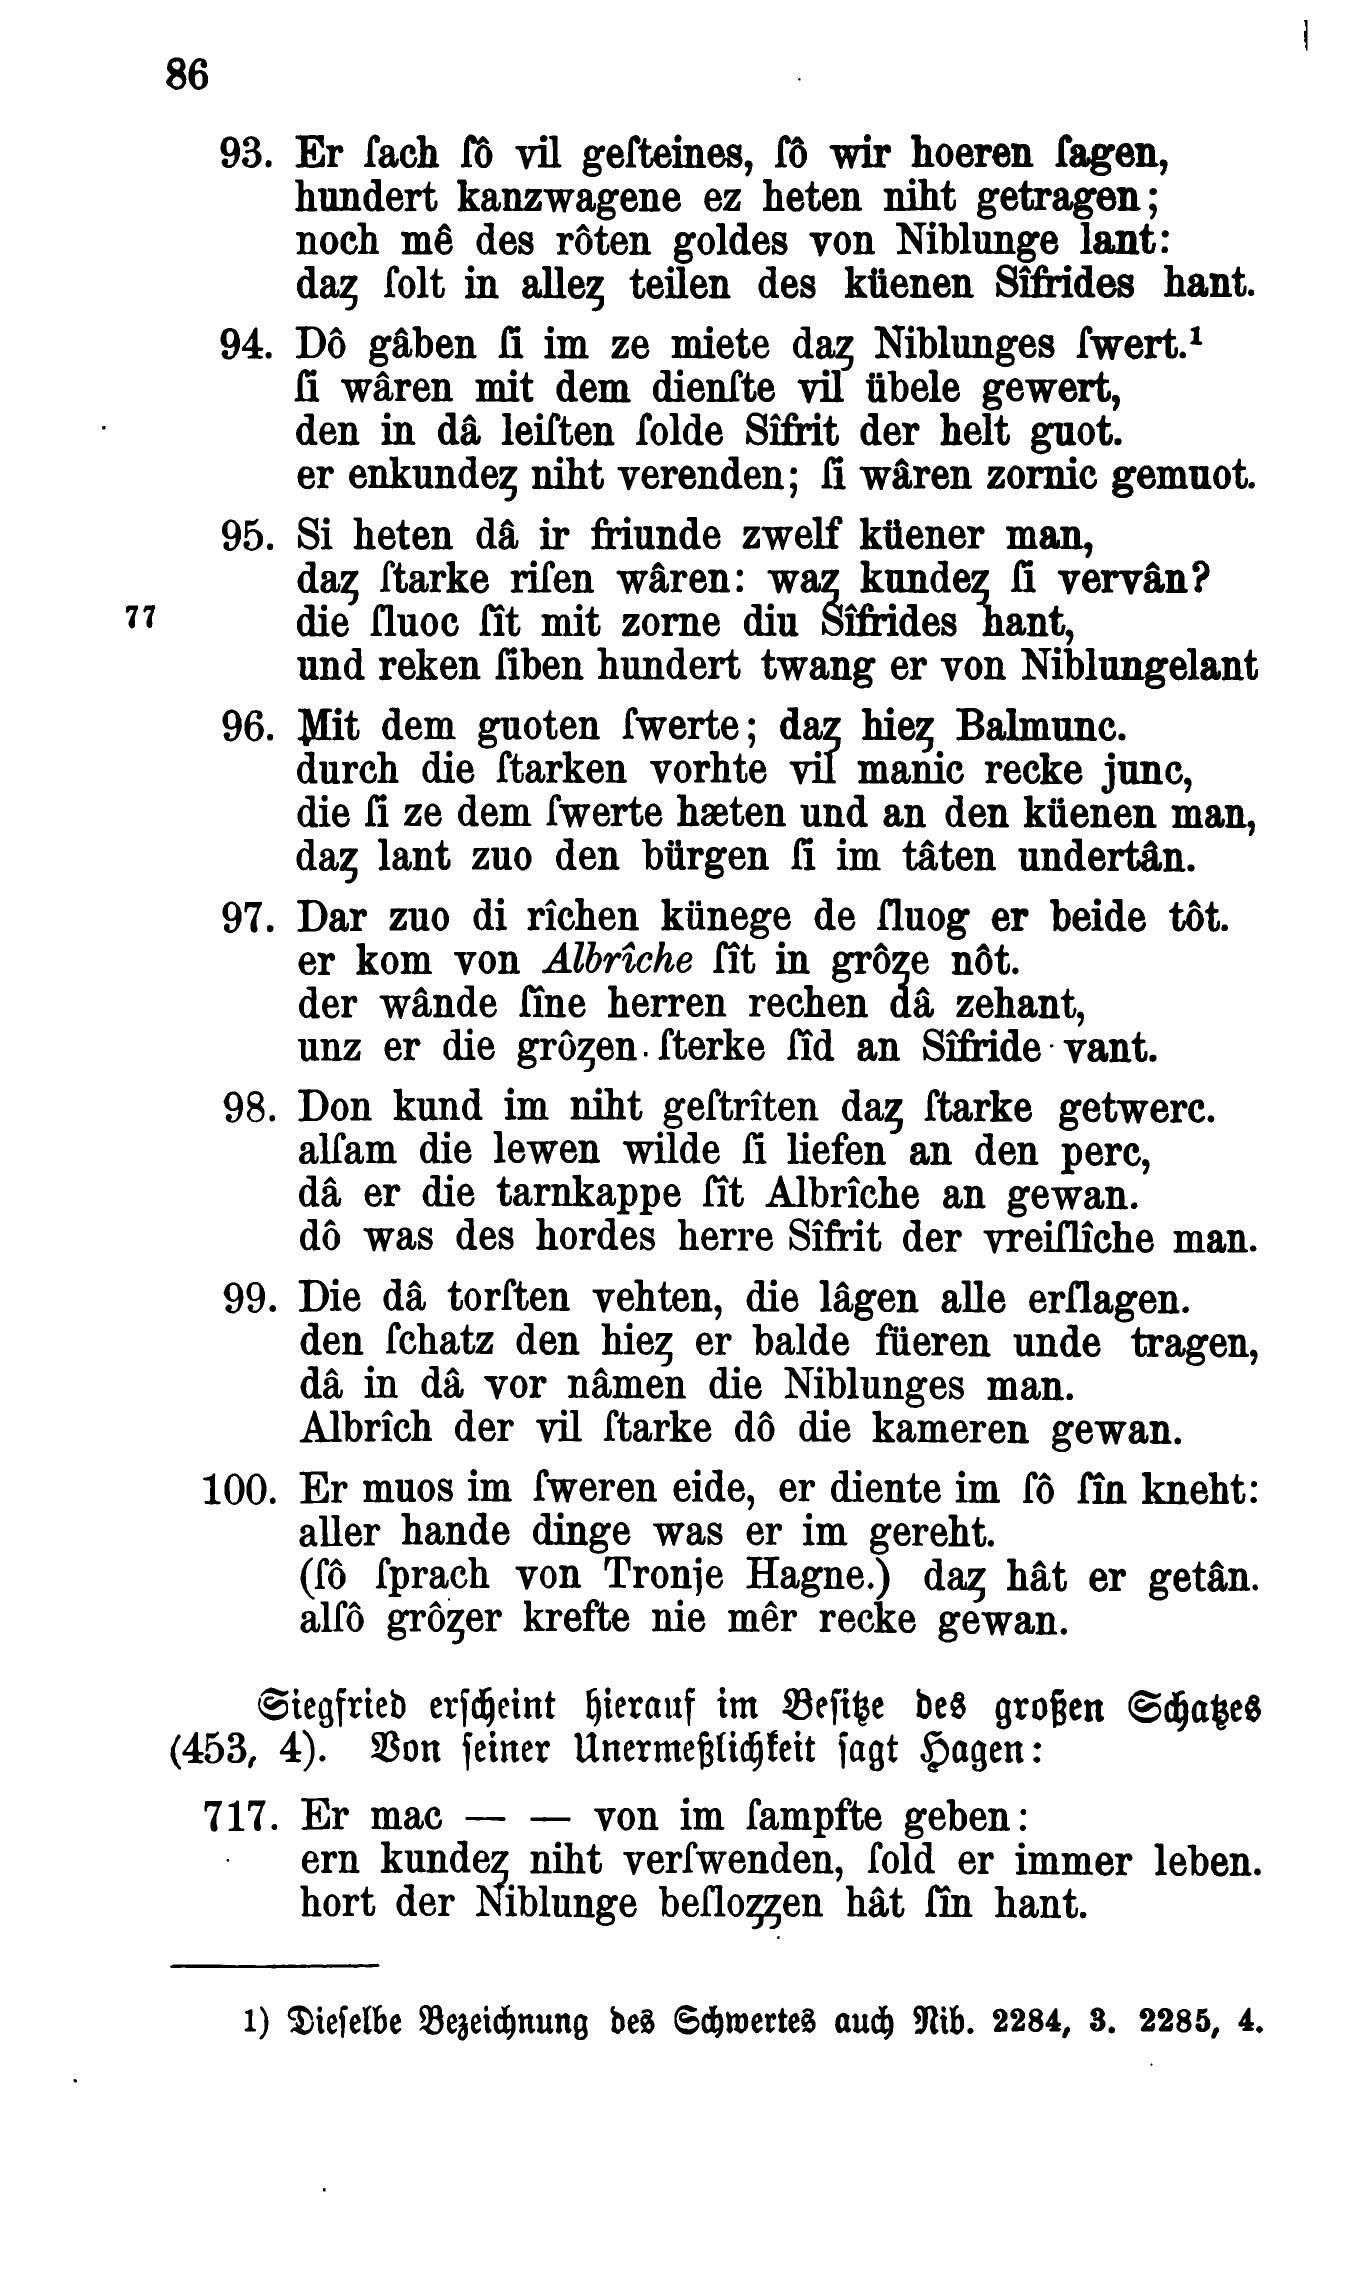 File:De Die deutsche Heldensage (Grimm W.) 120.jpg - Wikimedia Commons